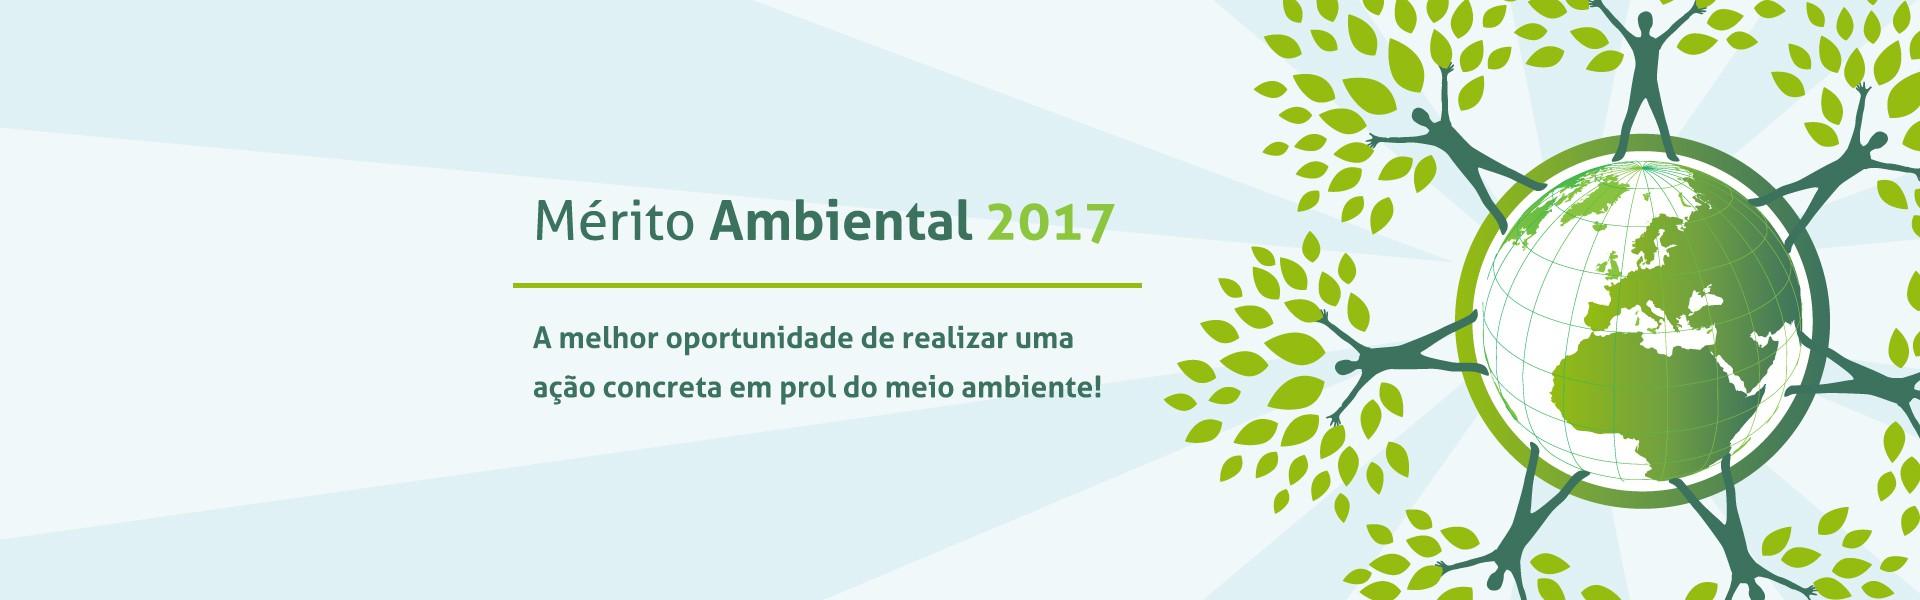 Mérito Ambiental - 2017 - A melhor oportunidade de realizar uma ação concreta em prol do meio ambiente!